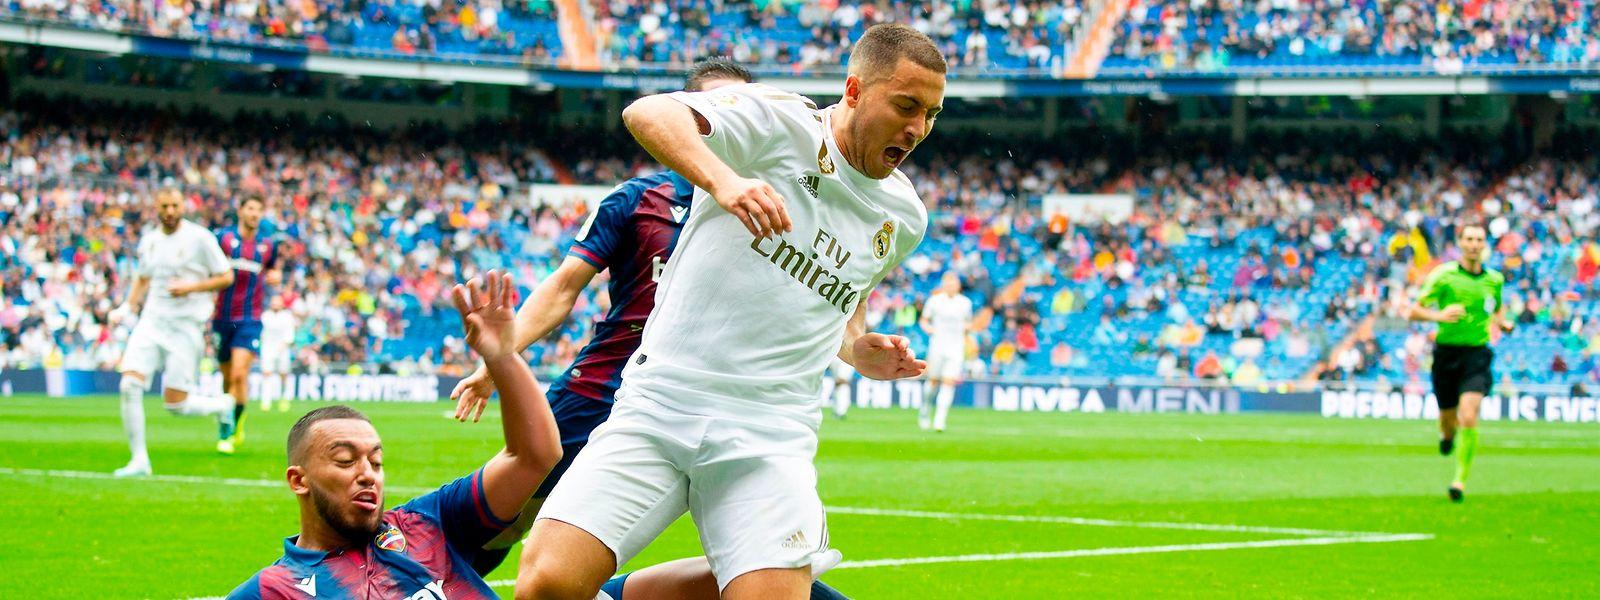 Eden Hazard devrait être titularisé aux côtés de Karim Benzema et de Gareth Bale.